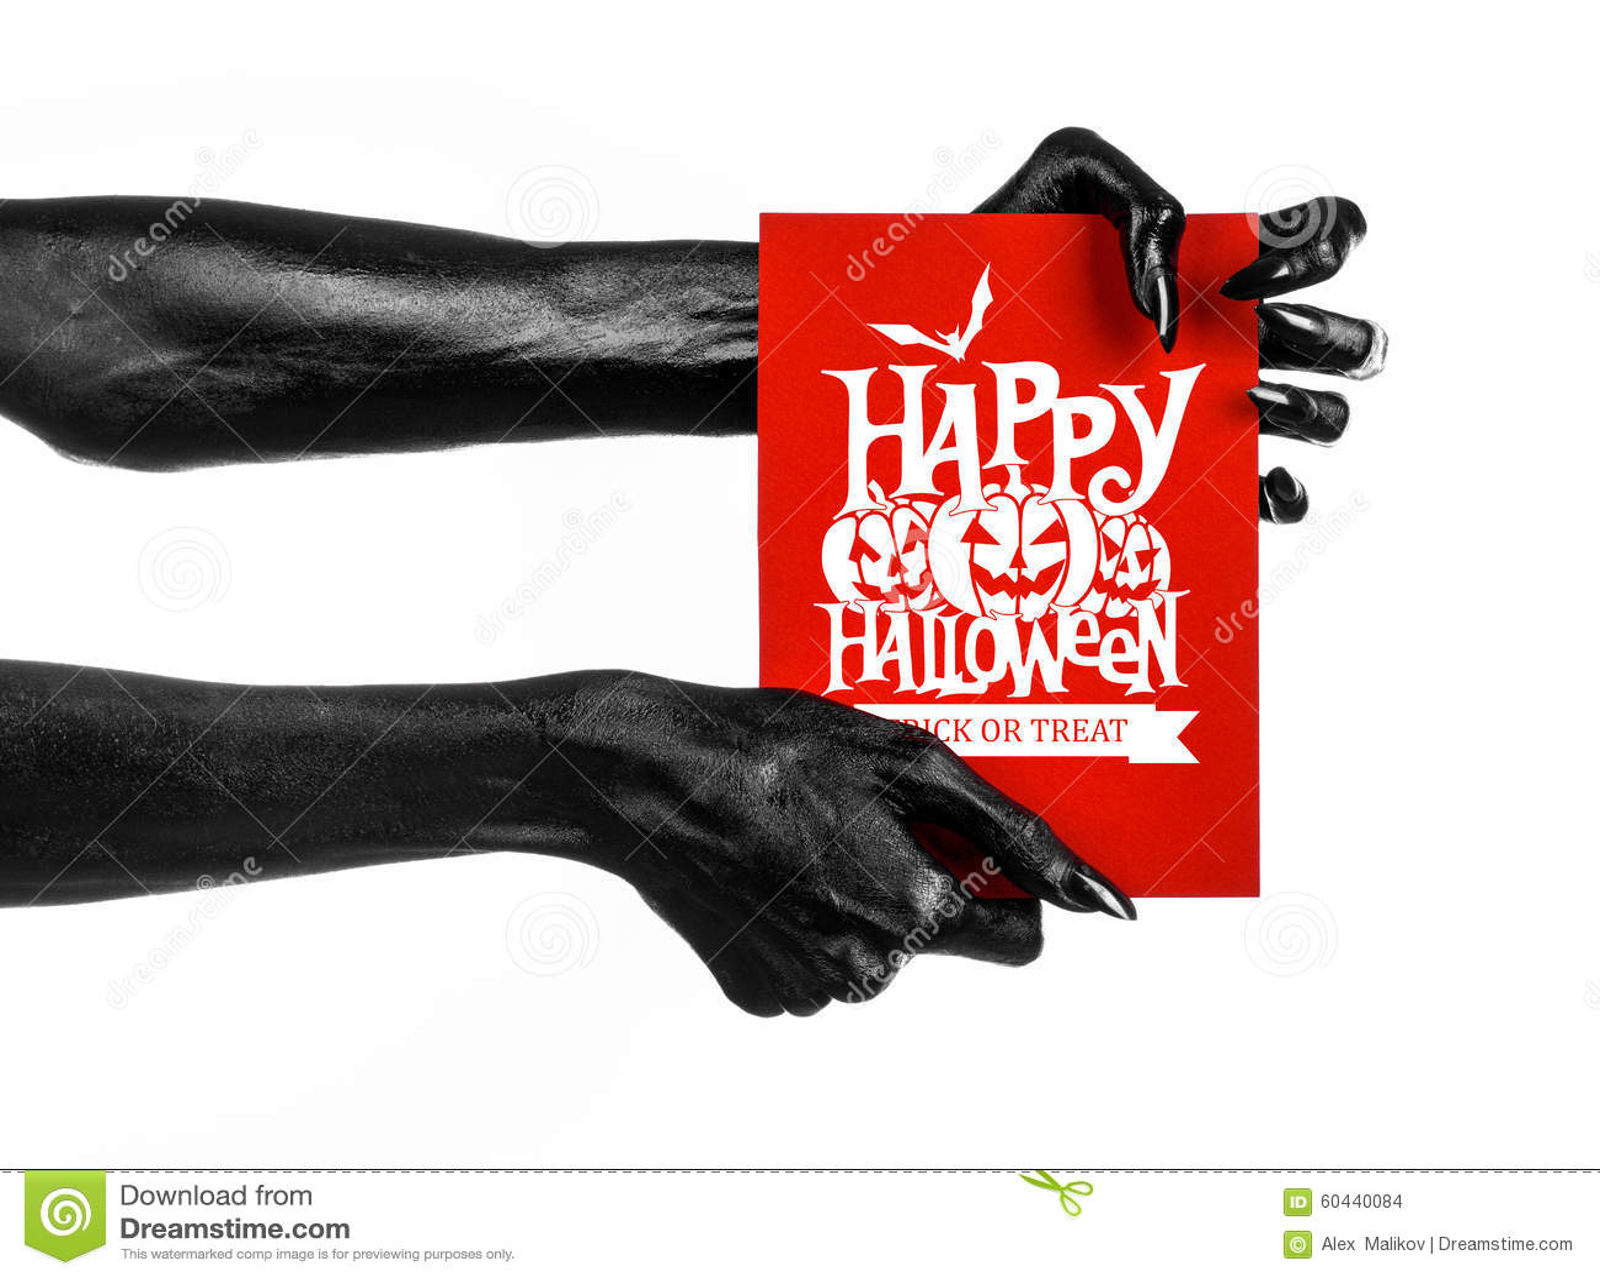 Vykort och lyckligt allhelgonaaftontema: den svarta handen av död som rymmer ett pappers- kort med den lyckliga allhelgonaaftonen